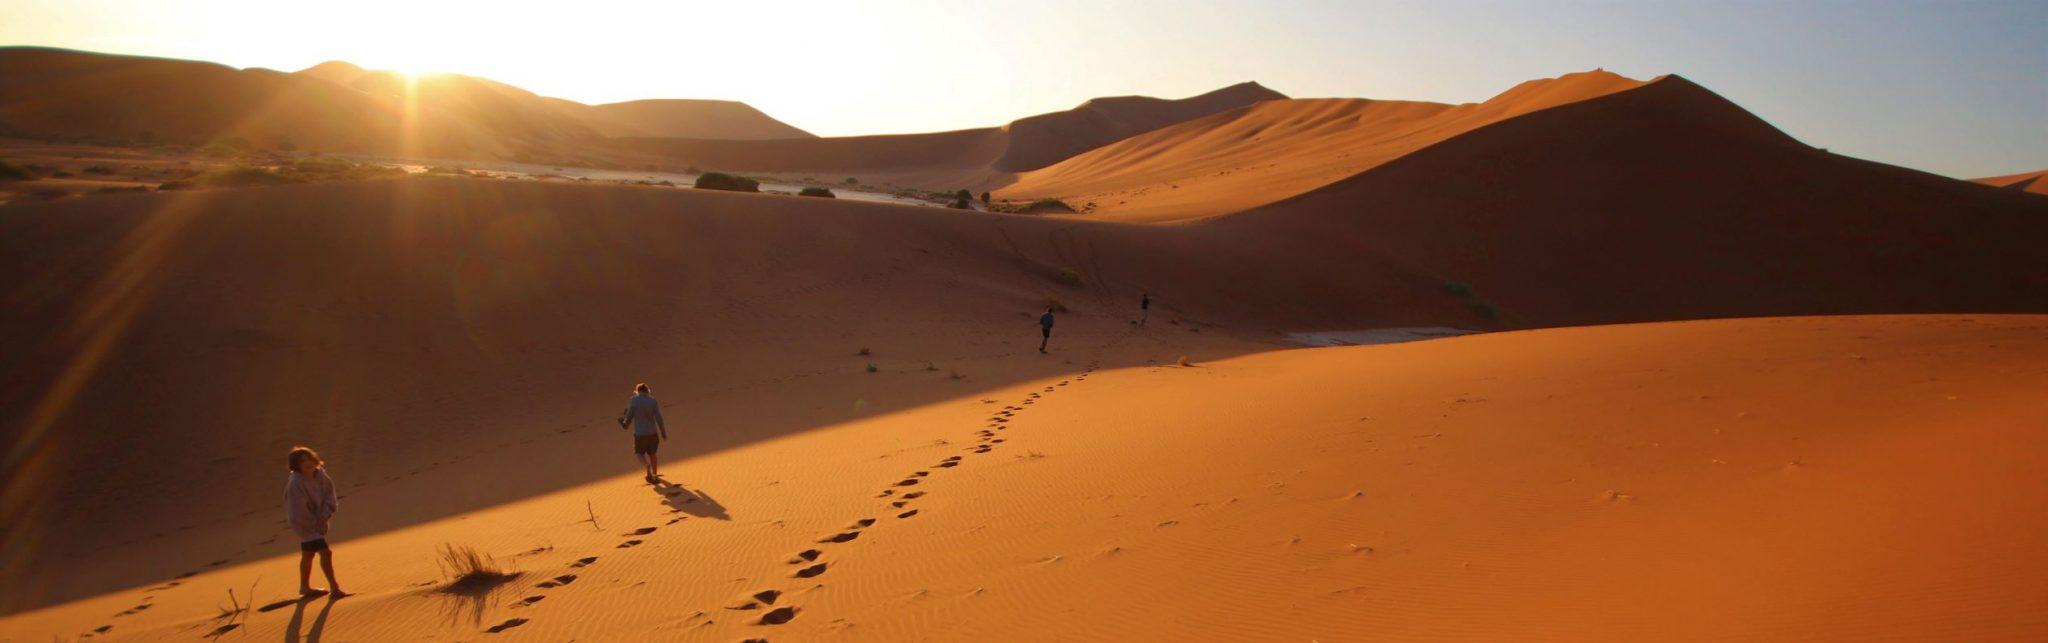 Sossosvlei sunrise, Namibia tours and travel